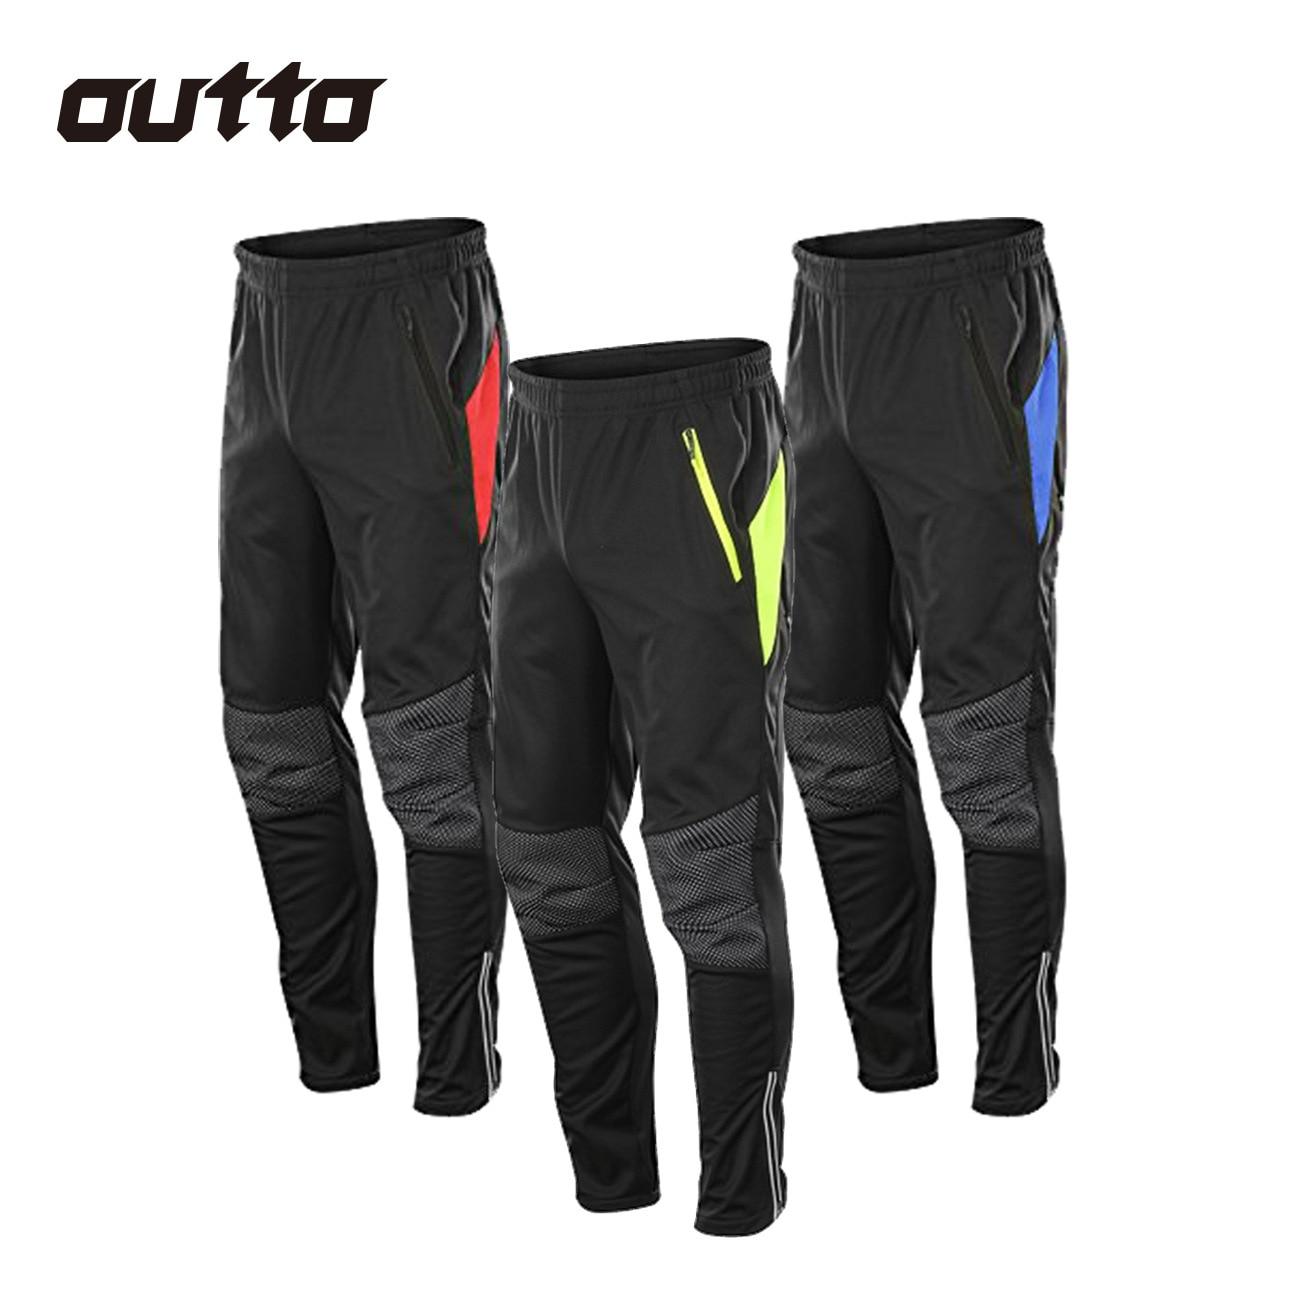 Теплые флисовые водонепроницаемые брюки для велоспорта, мужские зимние ветрозащитные дышащие спортивные уличные теплые велосипедные брюки|Штаны для велоспорта|   | АлиЭкспресс